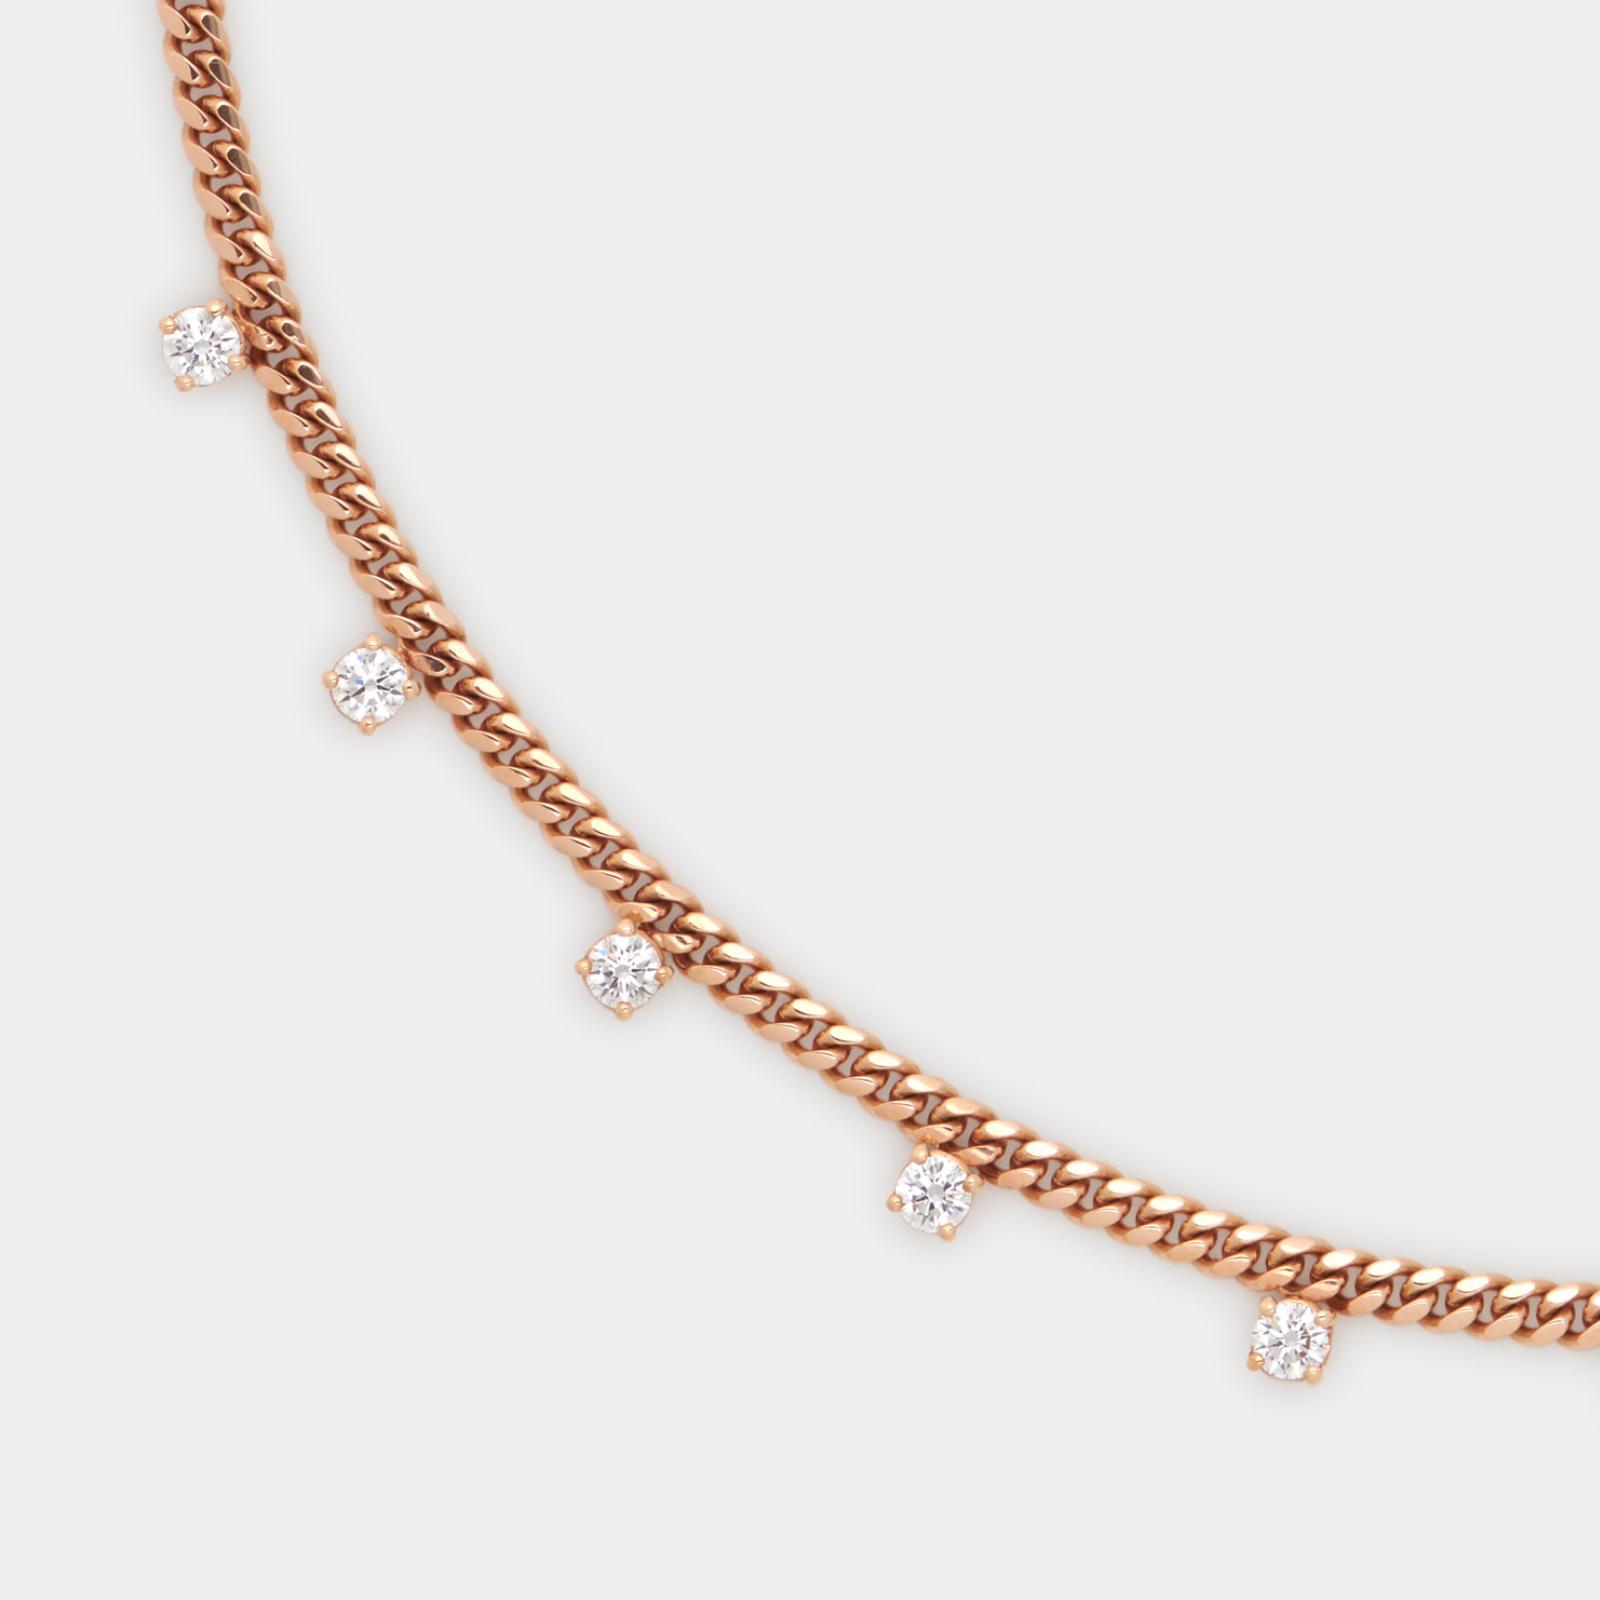 Choker piccola groumette in oro rosa e diamanti bianchi - Rosanna Cattolico gioielli